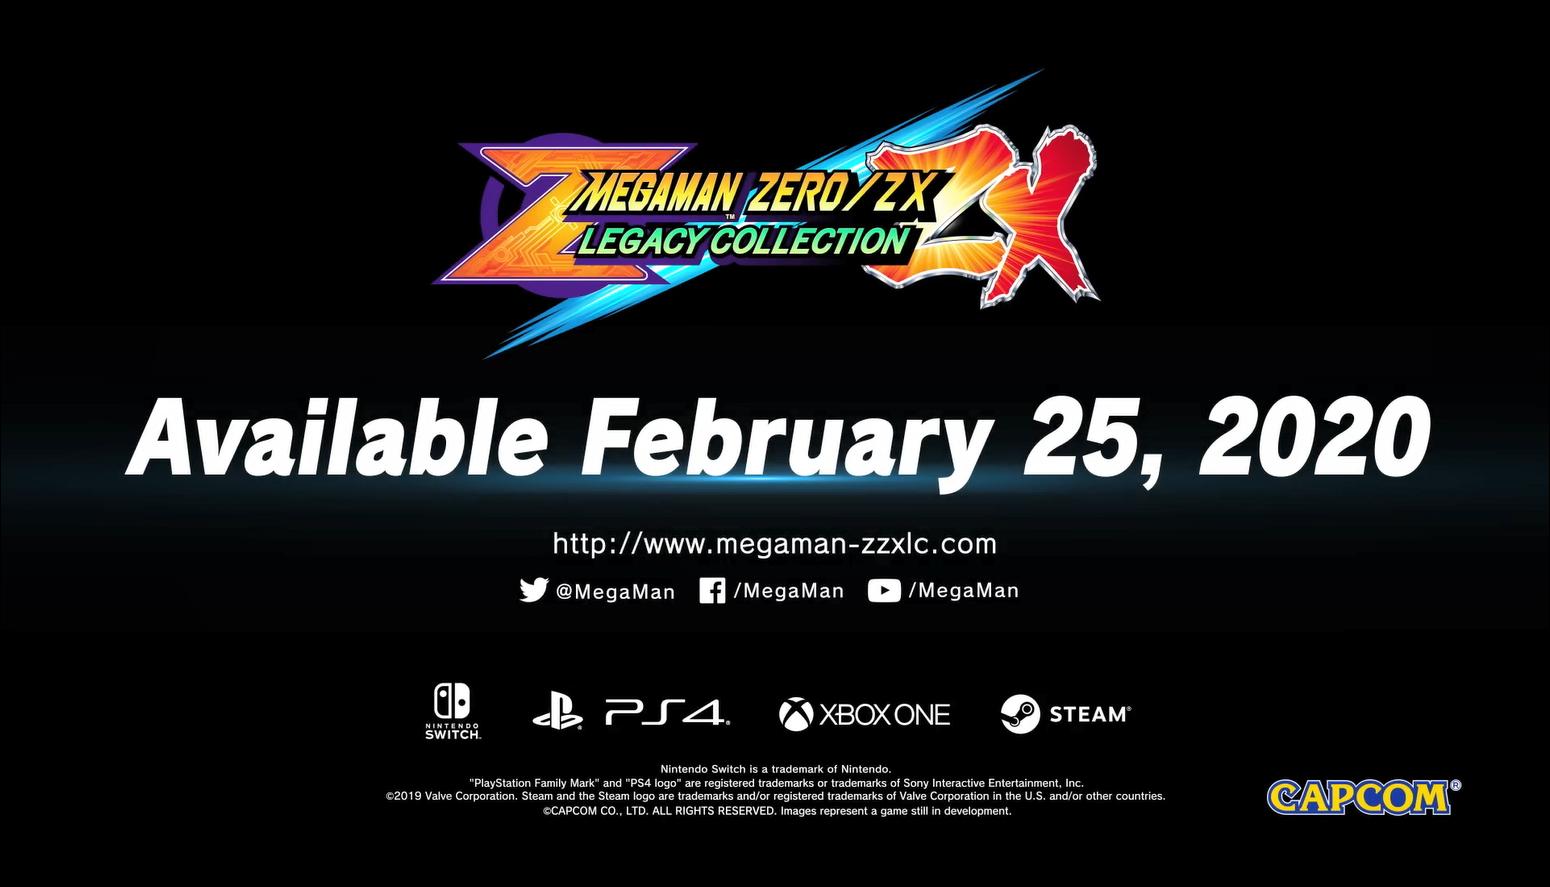 《洛克人Zero/ZX遗产合集》预告公布发售日 英雄再度睁眼